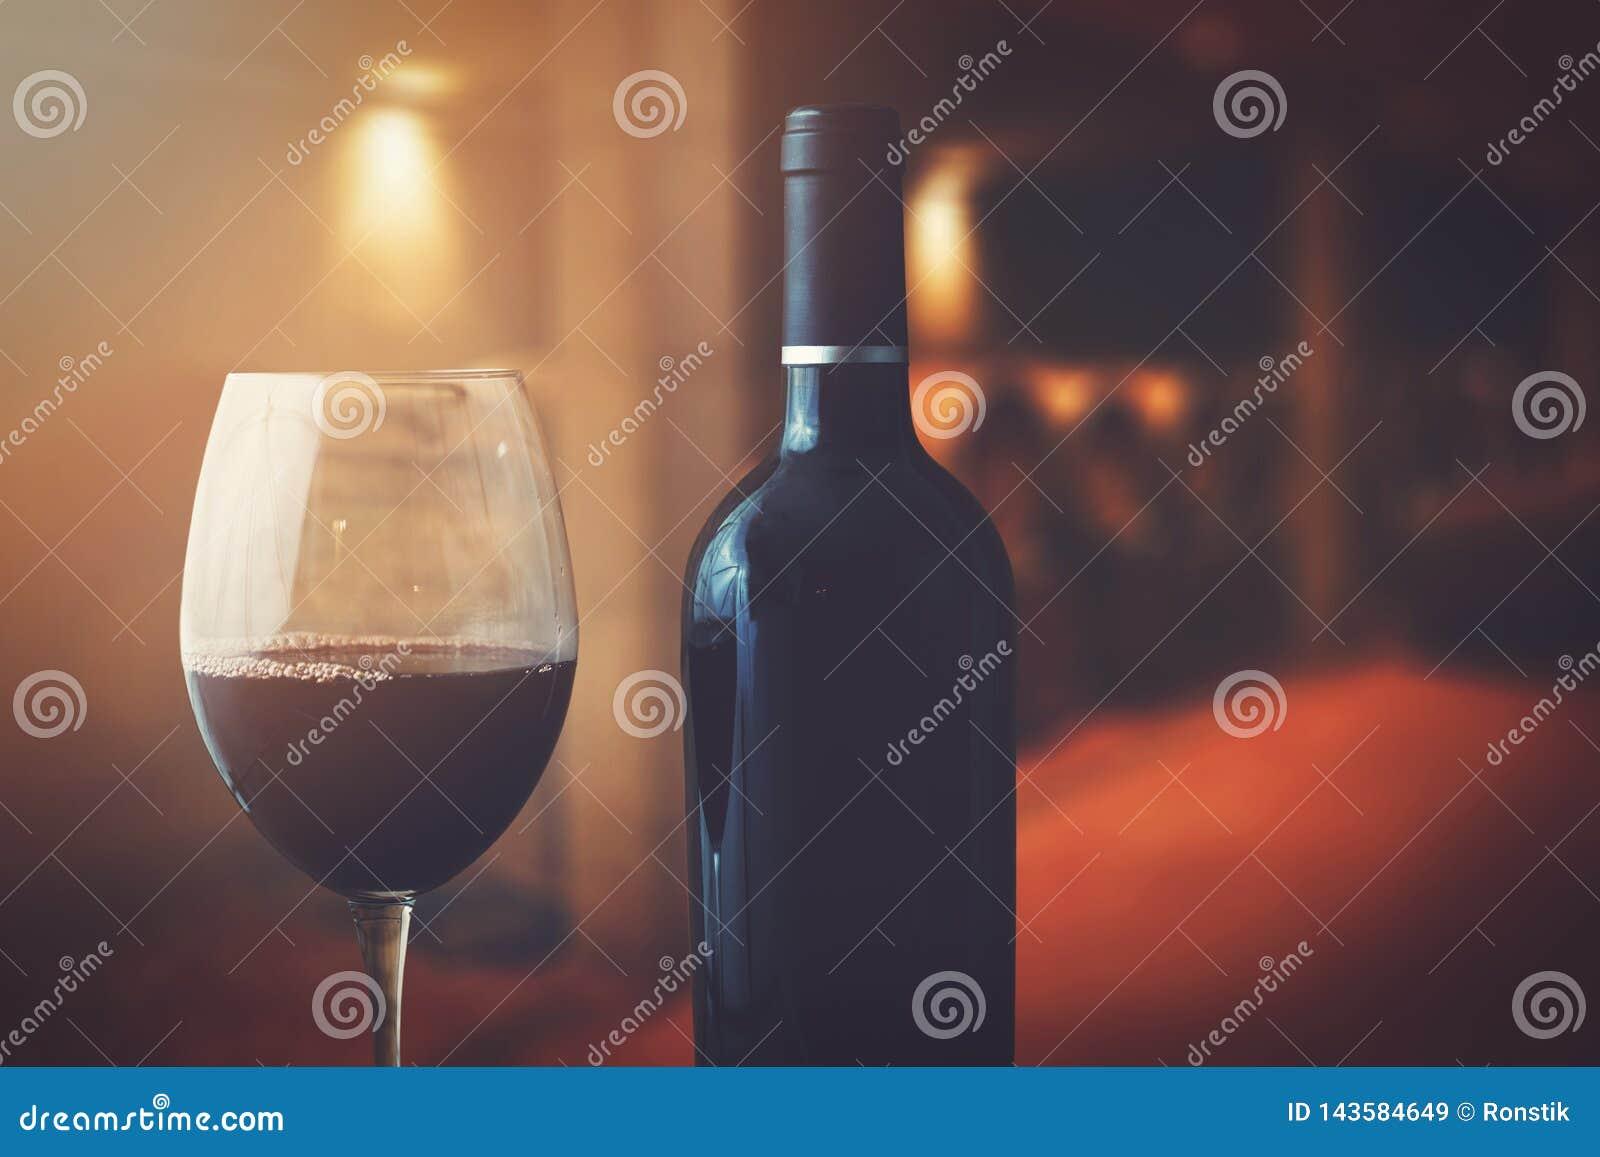 酒瓶和玻璃在葡萄酒库里